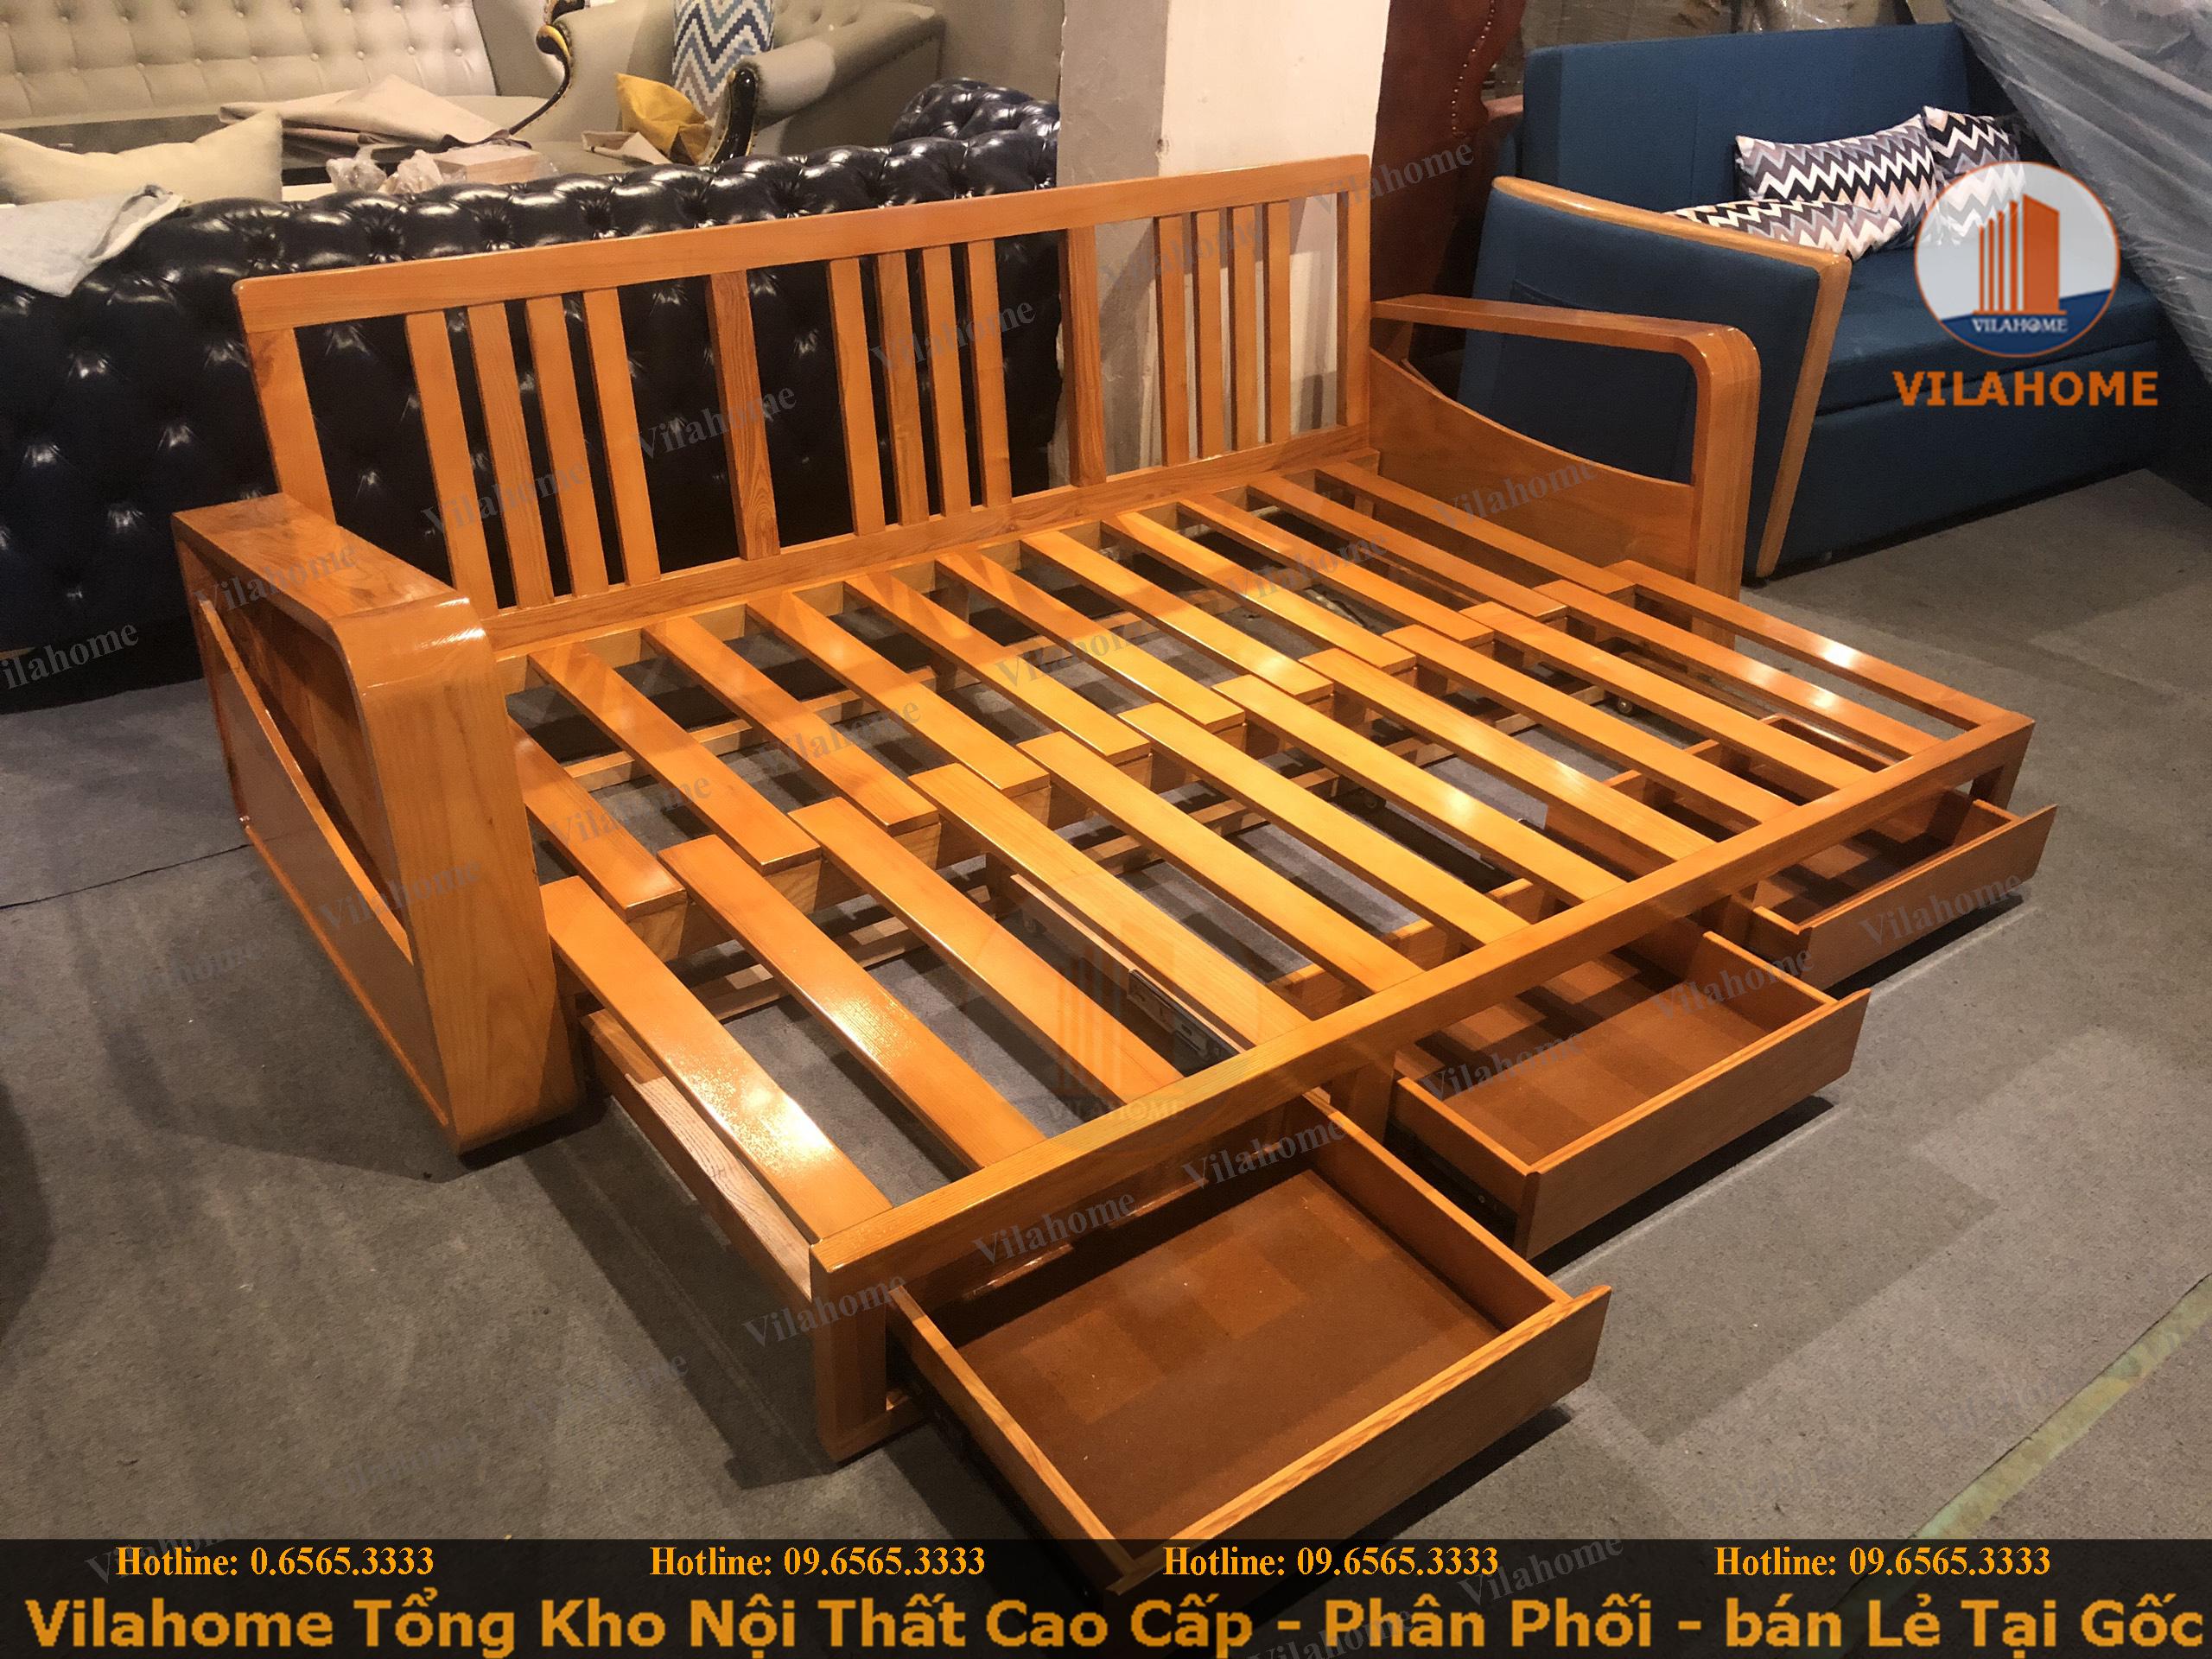 khung giường ghế thông minh nhập khẩu với thiết kế chắc chắn